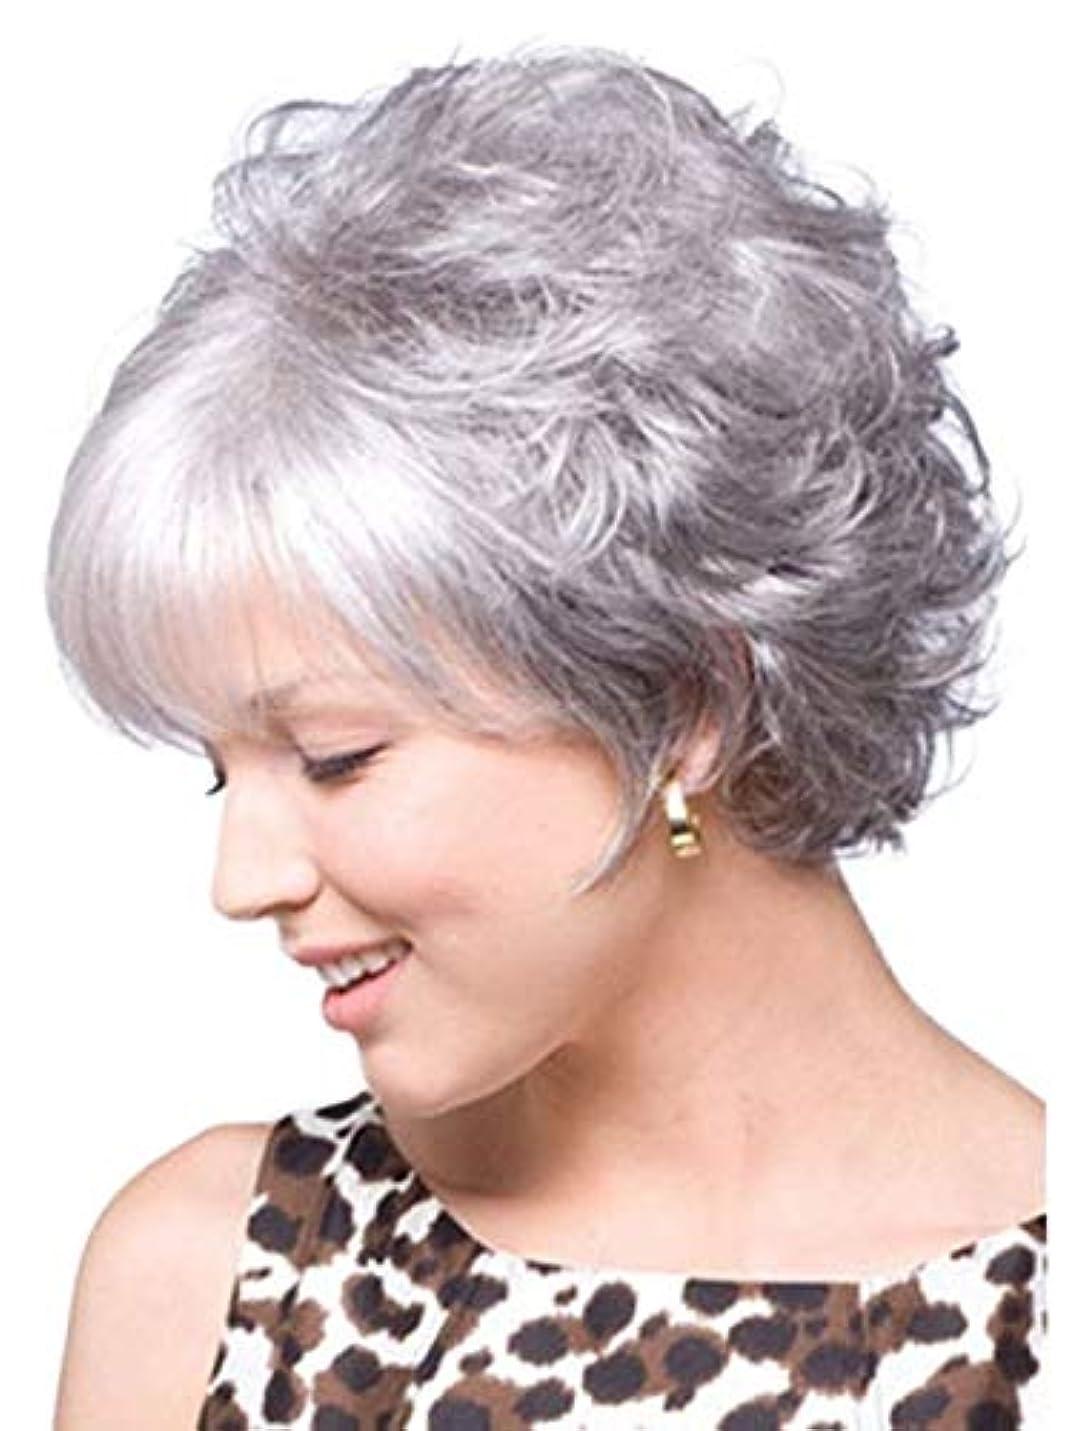 調整するみぞれ束ねるウィッグキャップ付きパーティーコスプレ用女性ショートシルバーグレーヘアウィッグ (Color : Gray+Silver)